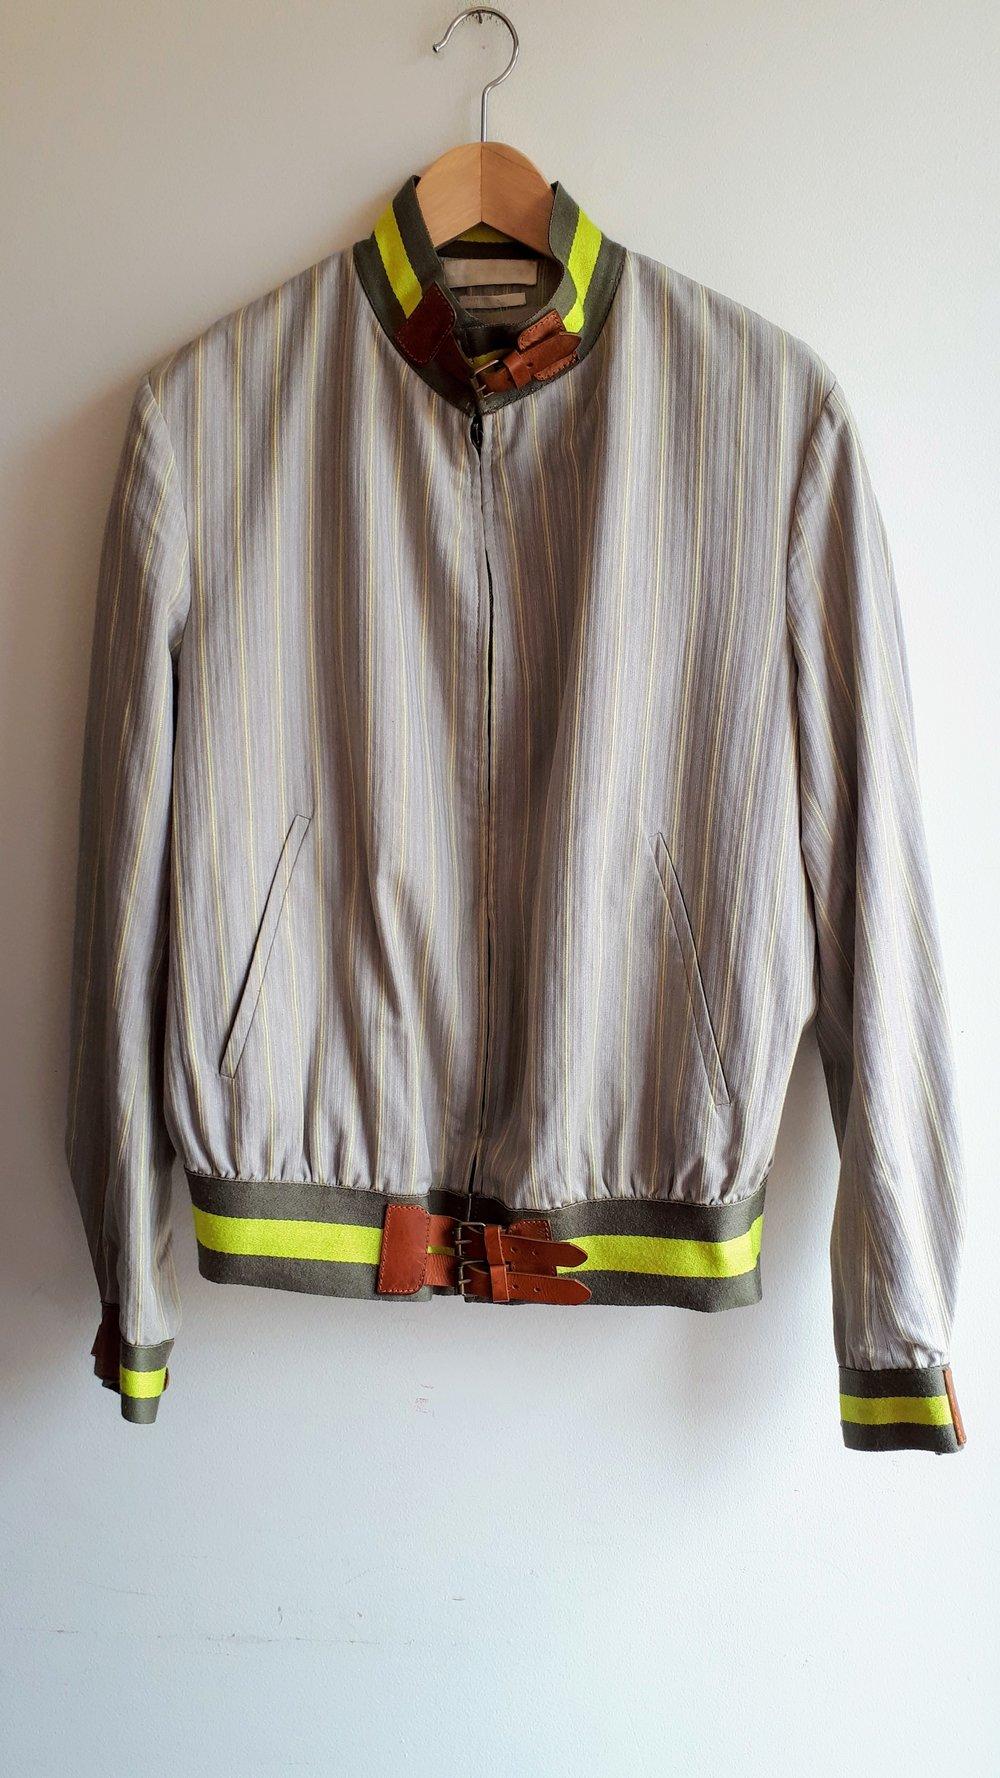 Alexander McQueen coat; Size M, $150